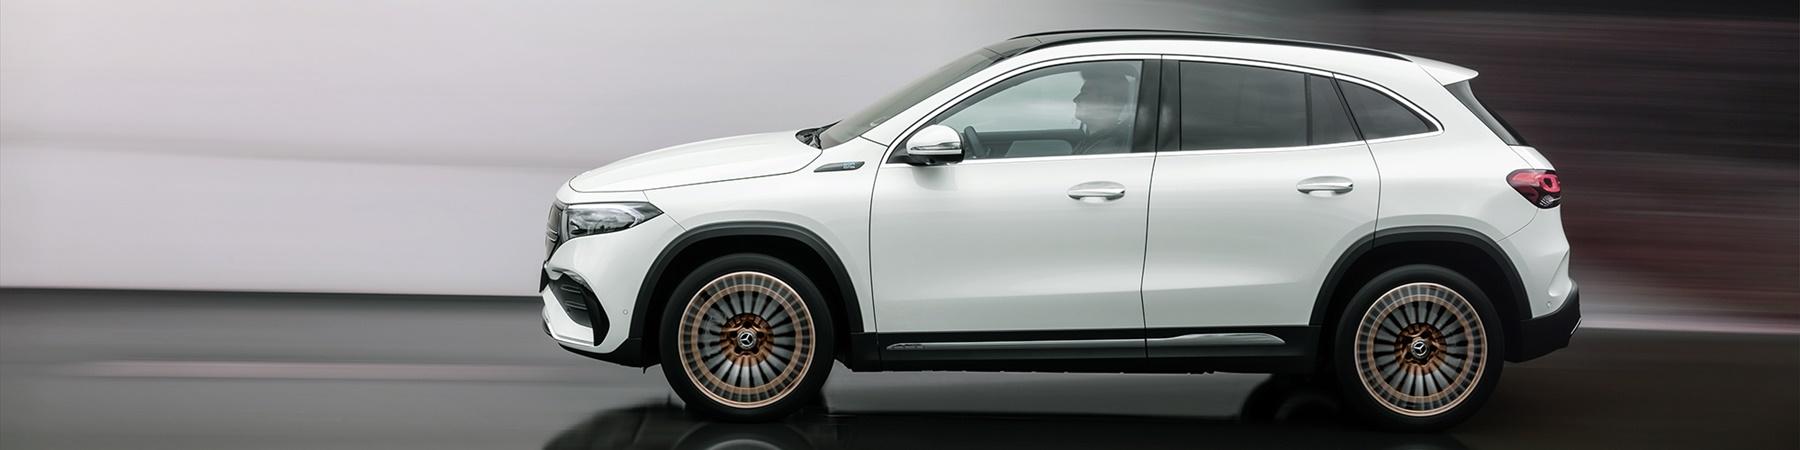 Mercedes EQA 66.5kWh 352 km actieradius